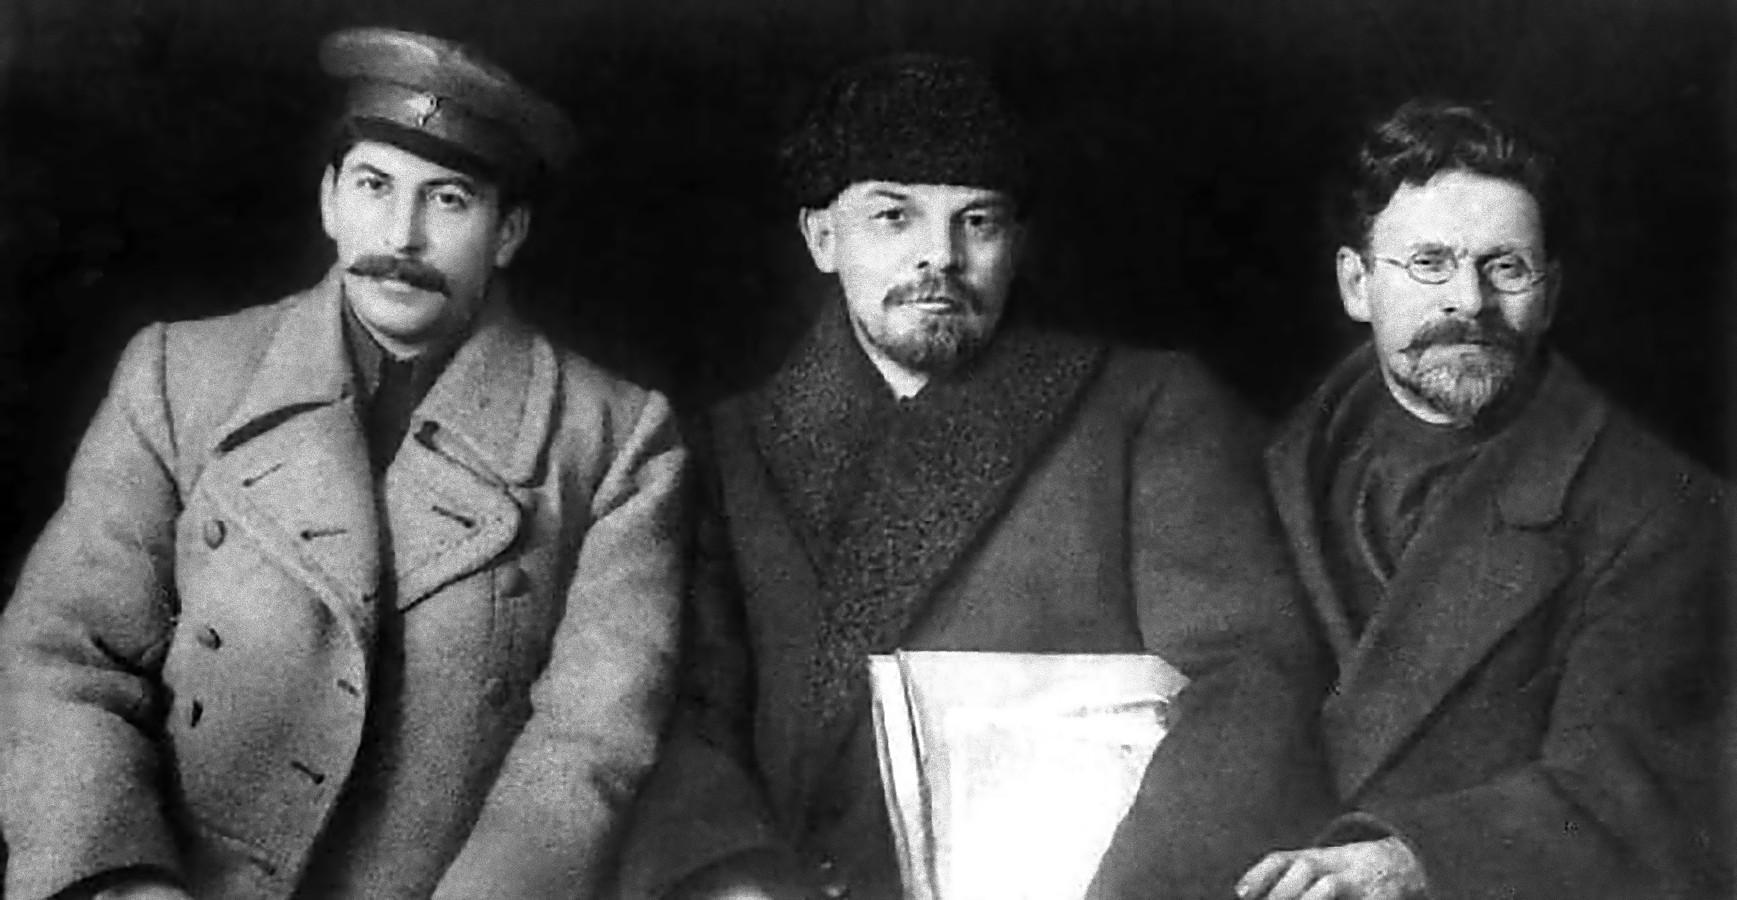 De brutale og hensynsløse ekstremistene Iosif Vissarionovich Dzhugashvili, Vladimir Ilyich Ulyanov og Lev Davidovich Bronstein, finansiert av anglosionistene, styrt av edomittene, som antageligvis også har ansvaret for at alle tre ble etterhvert ble myrdet (foto tatt omkring 1917).